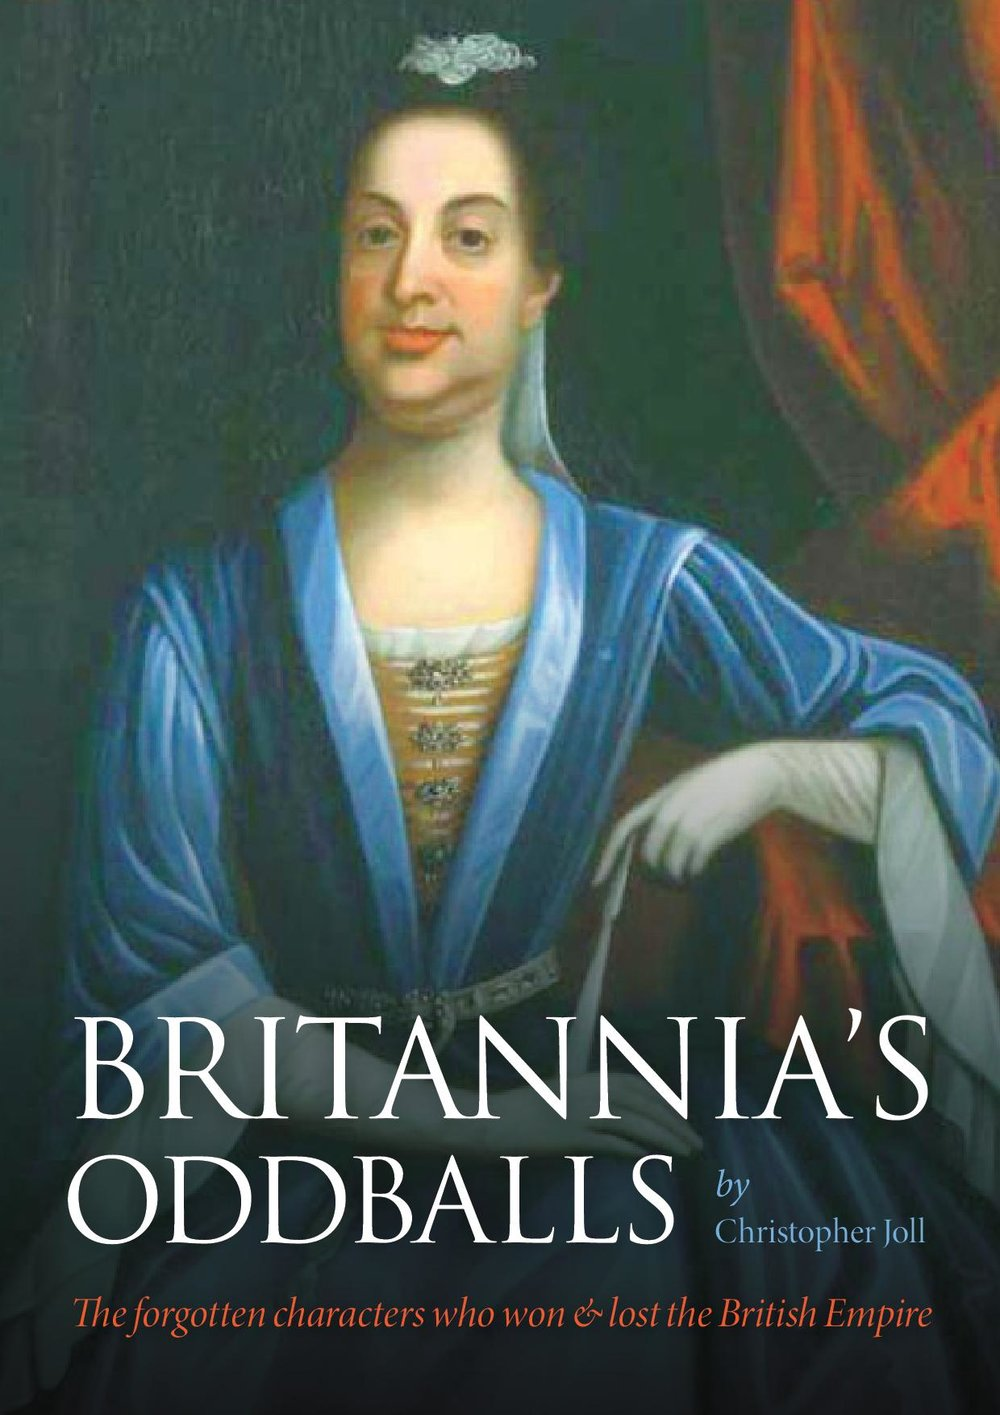 Britannia sOddballs.cover-page-001.jpg